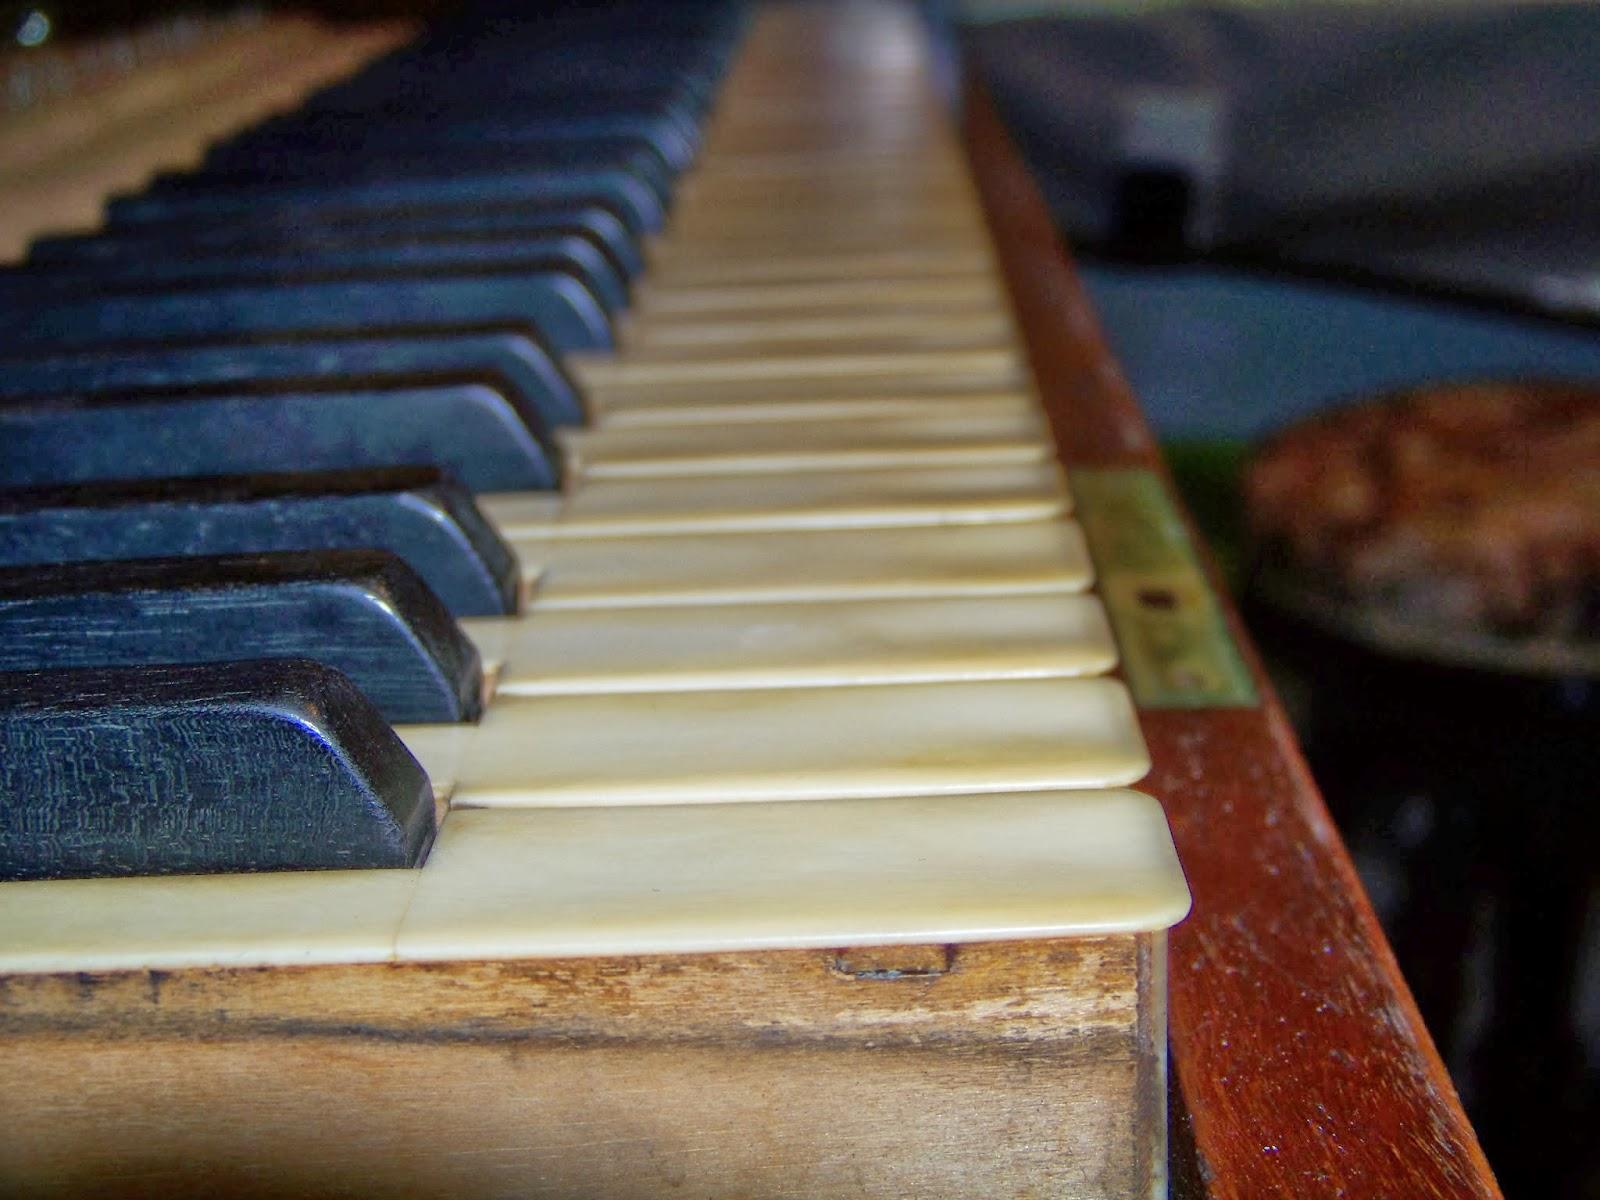 pleyel p1 grand droit 1928 nettoyage du clavier. Black Bedroom Furniture Sets. Home Design Ideas